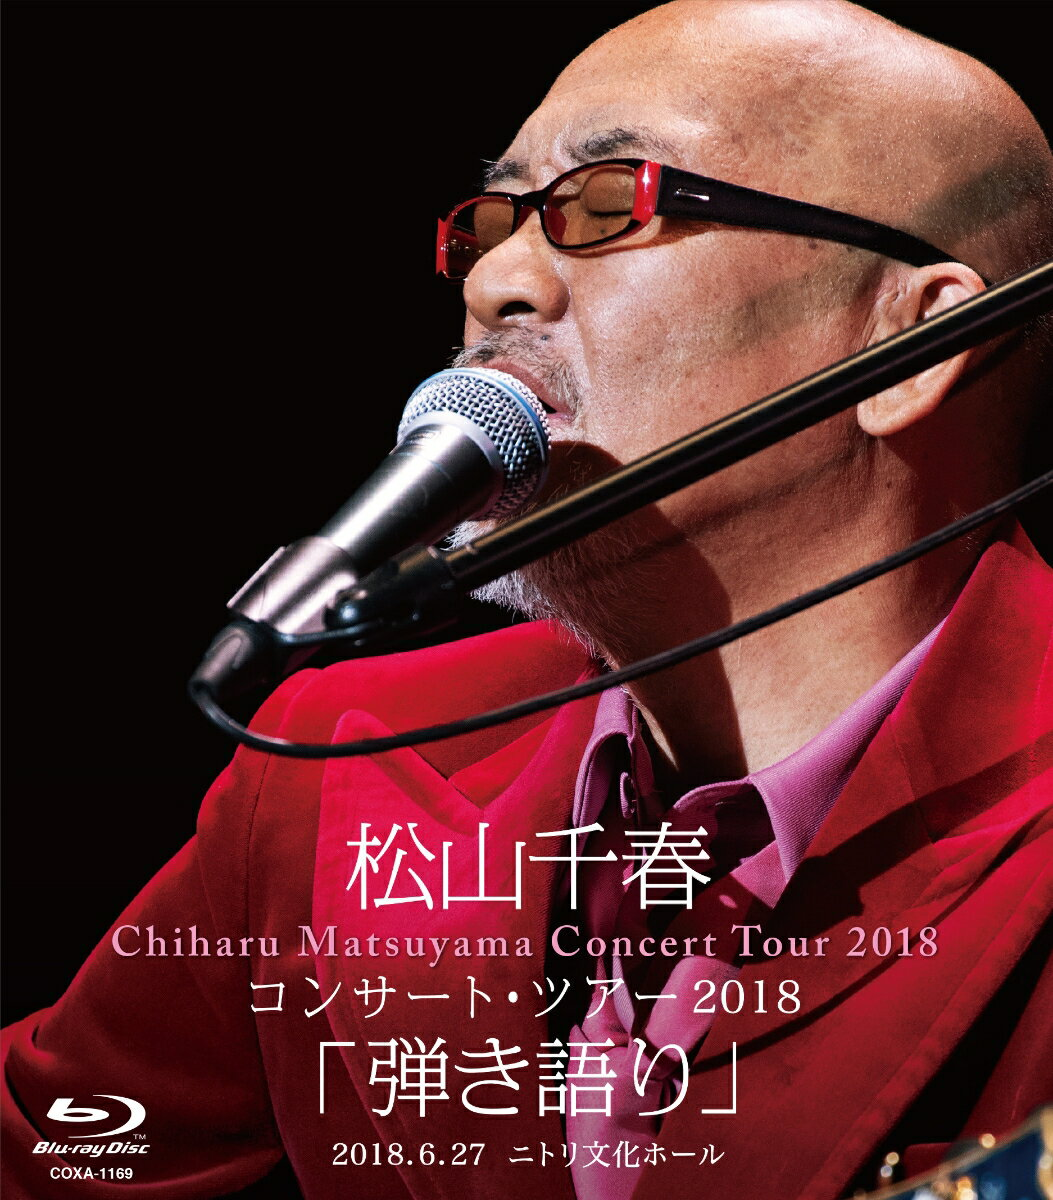 松山千春コンサート・ツアー2018 「弾き語り」 2018.6.27 ニトリ文化ホール【Blu-ray】 [ 松山千春 ]